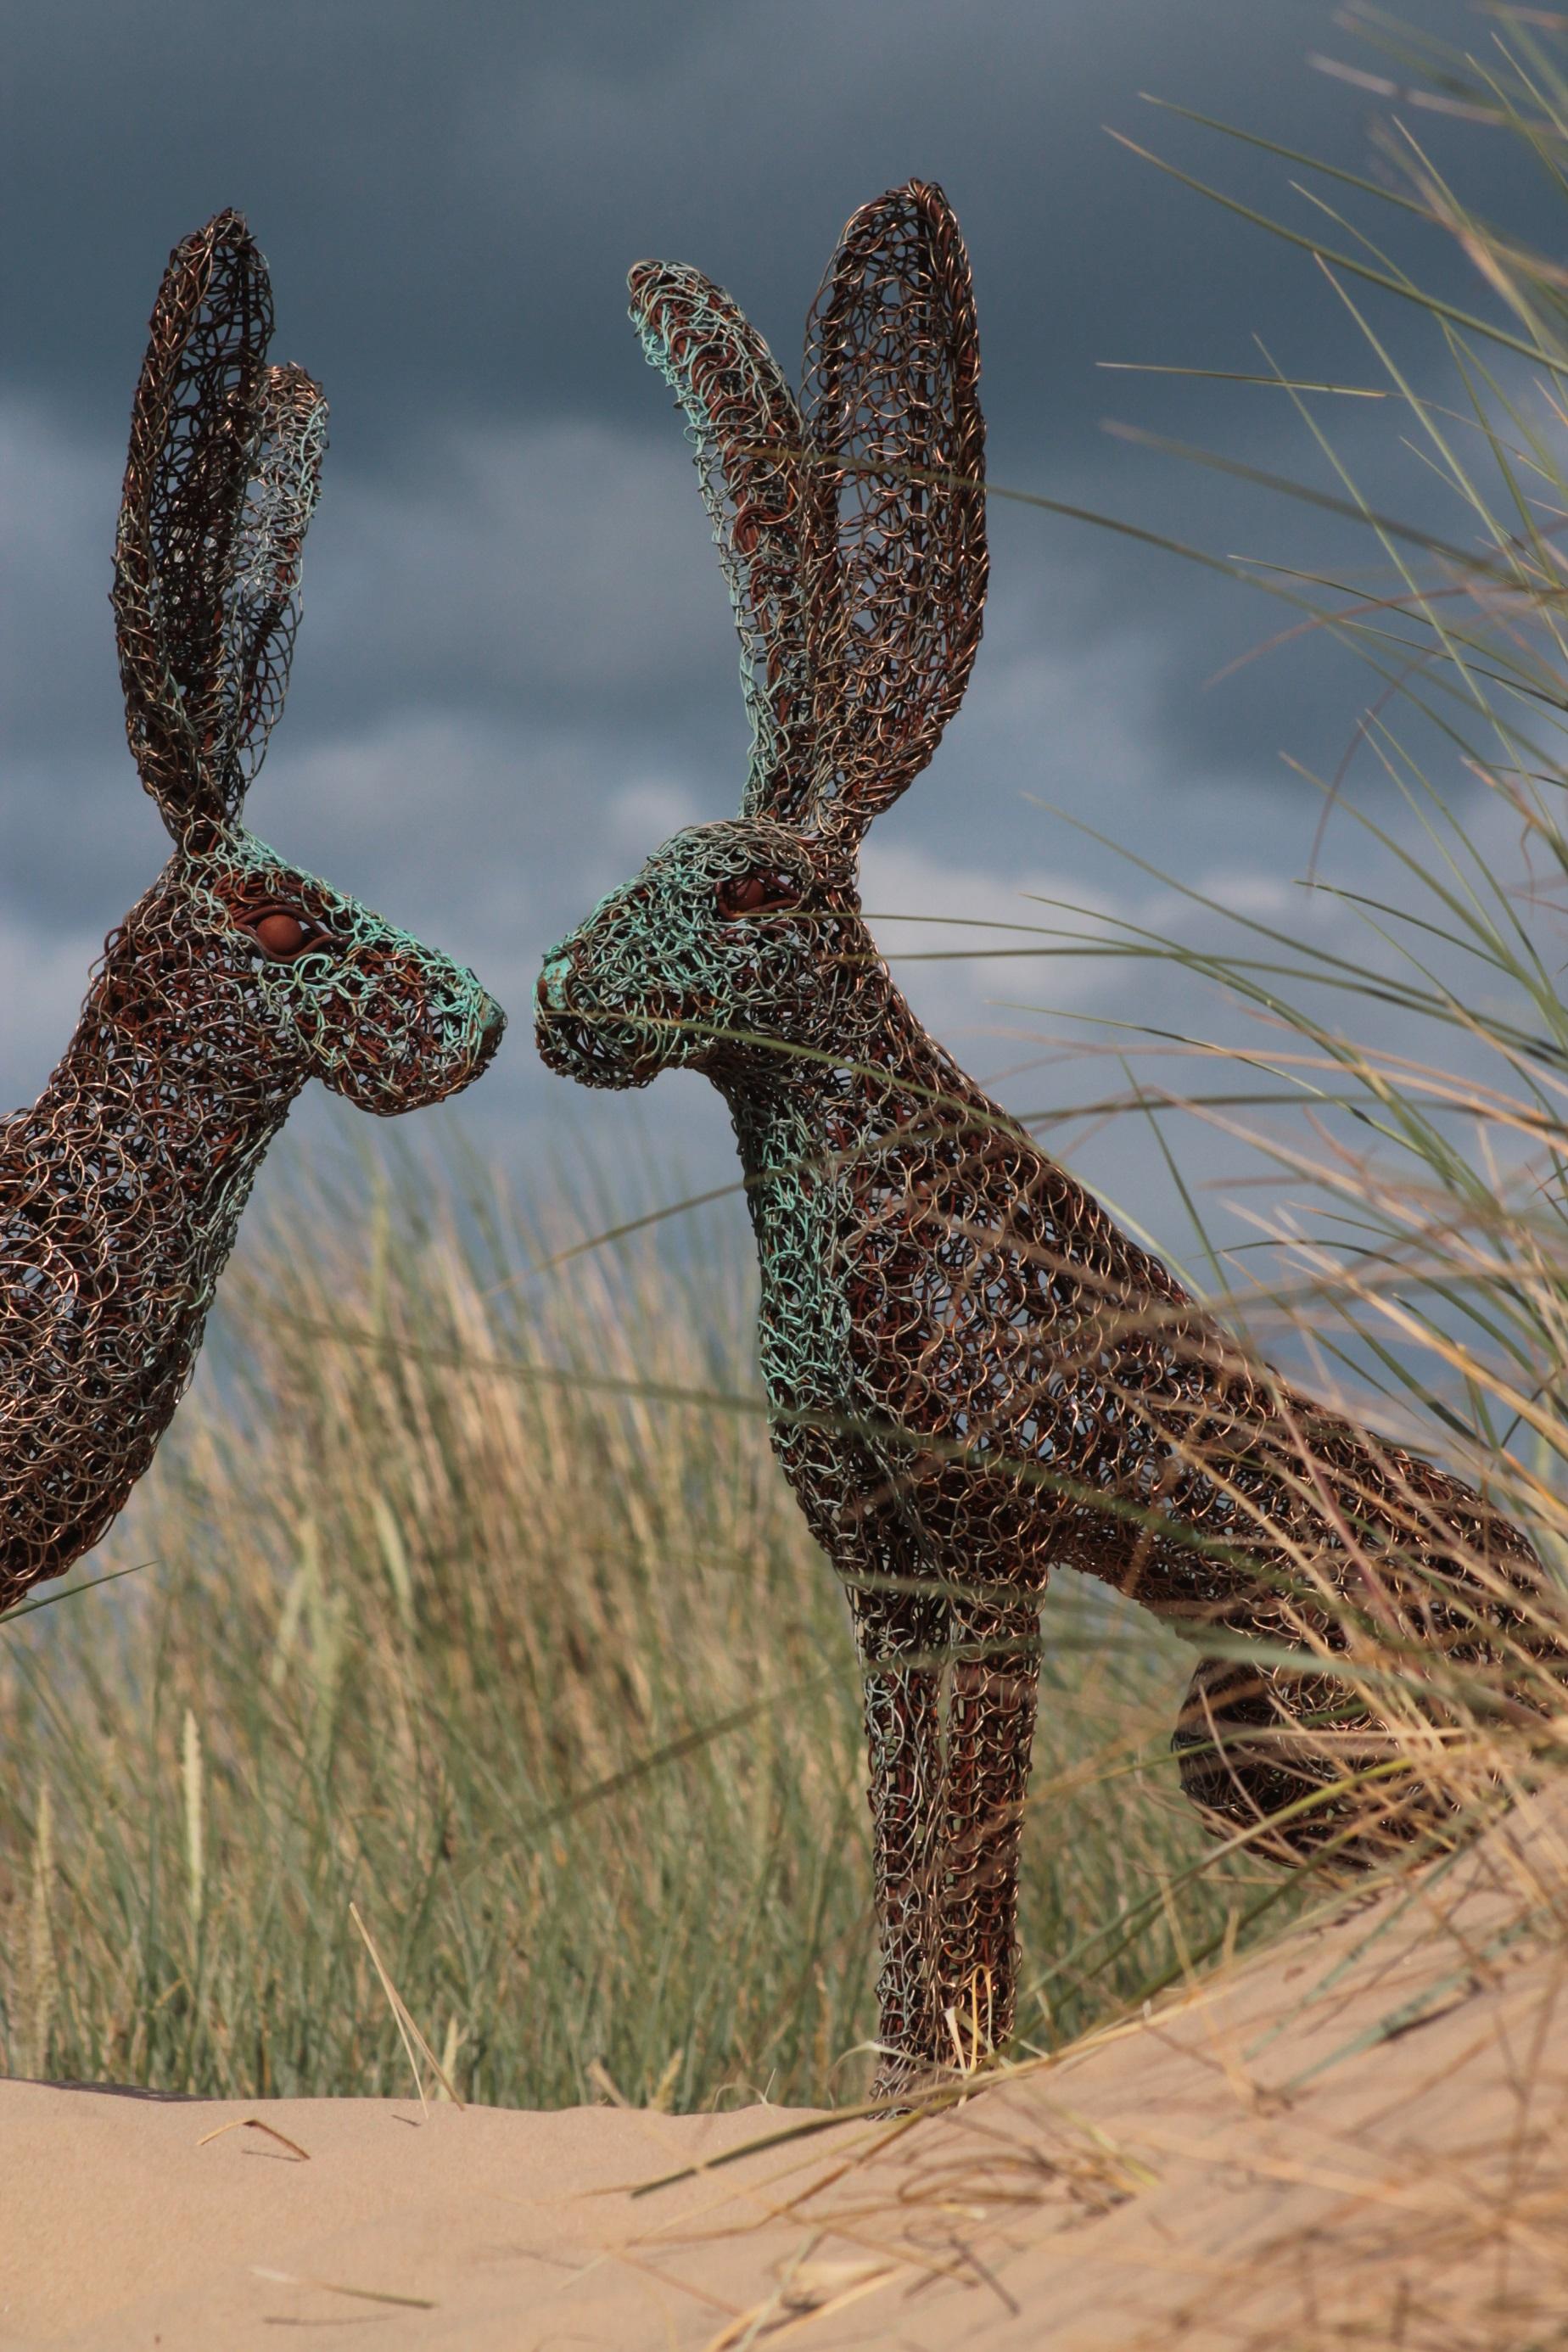 kissing hares portrait shot.jpg